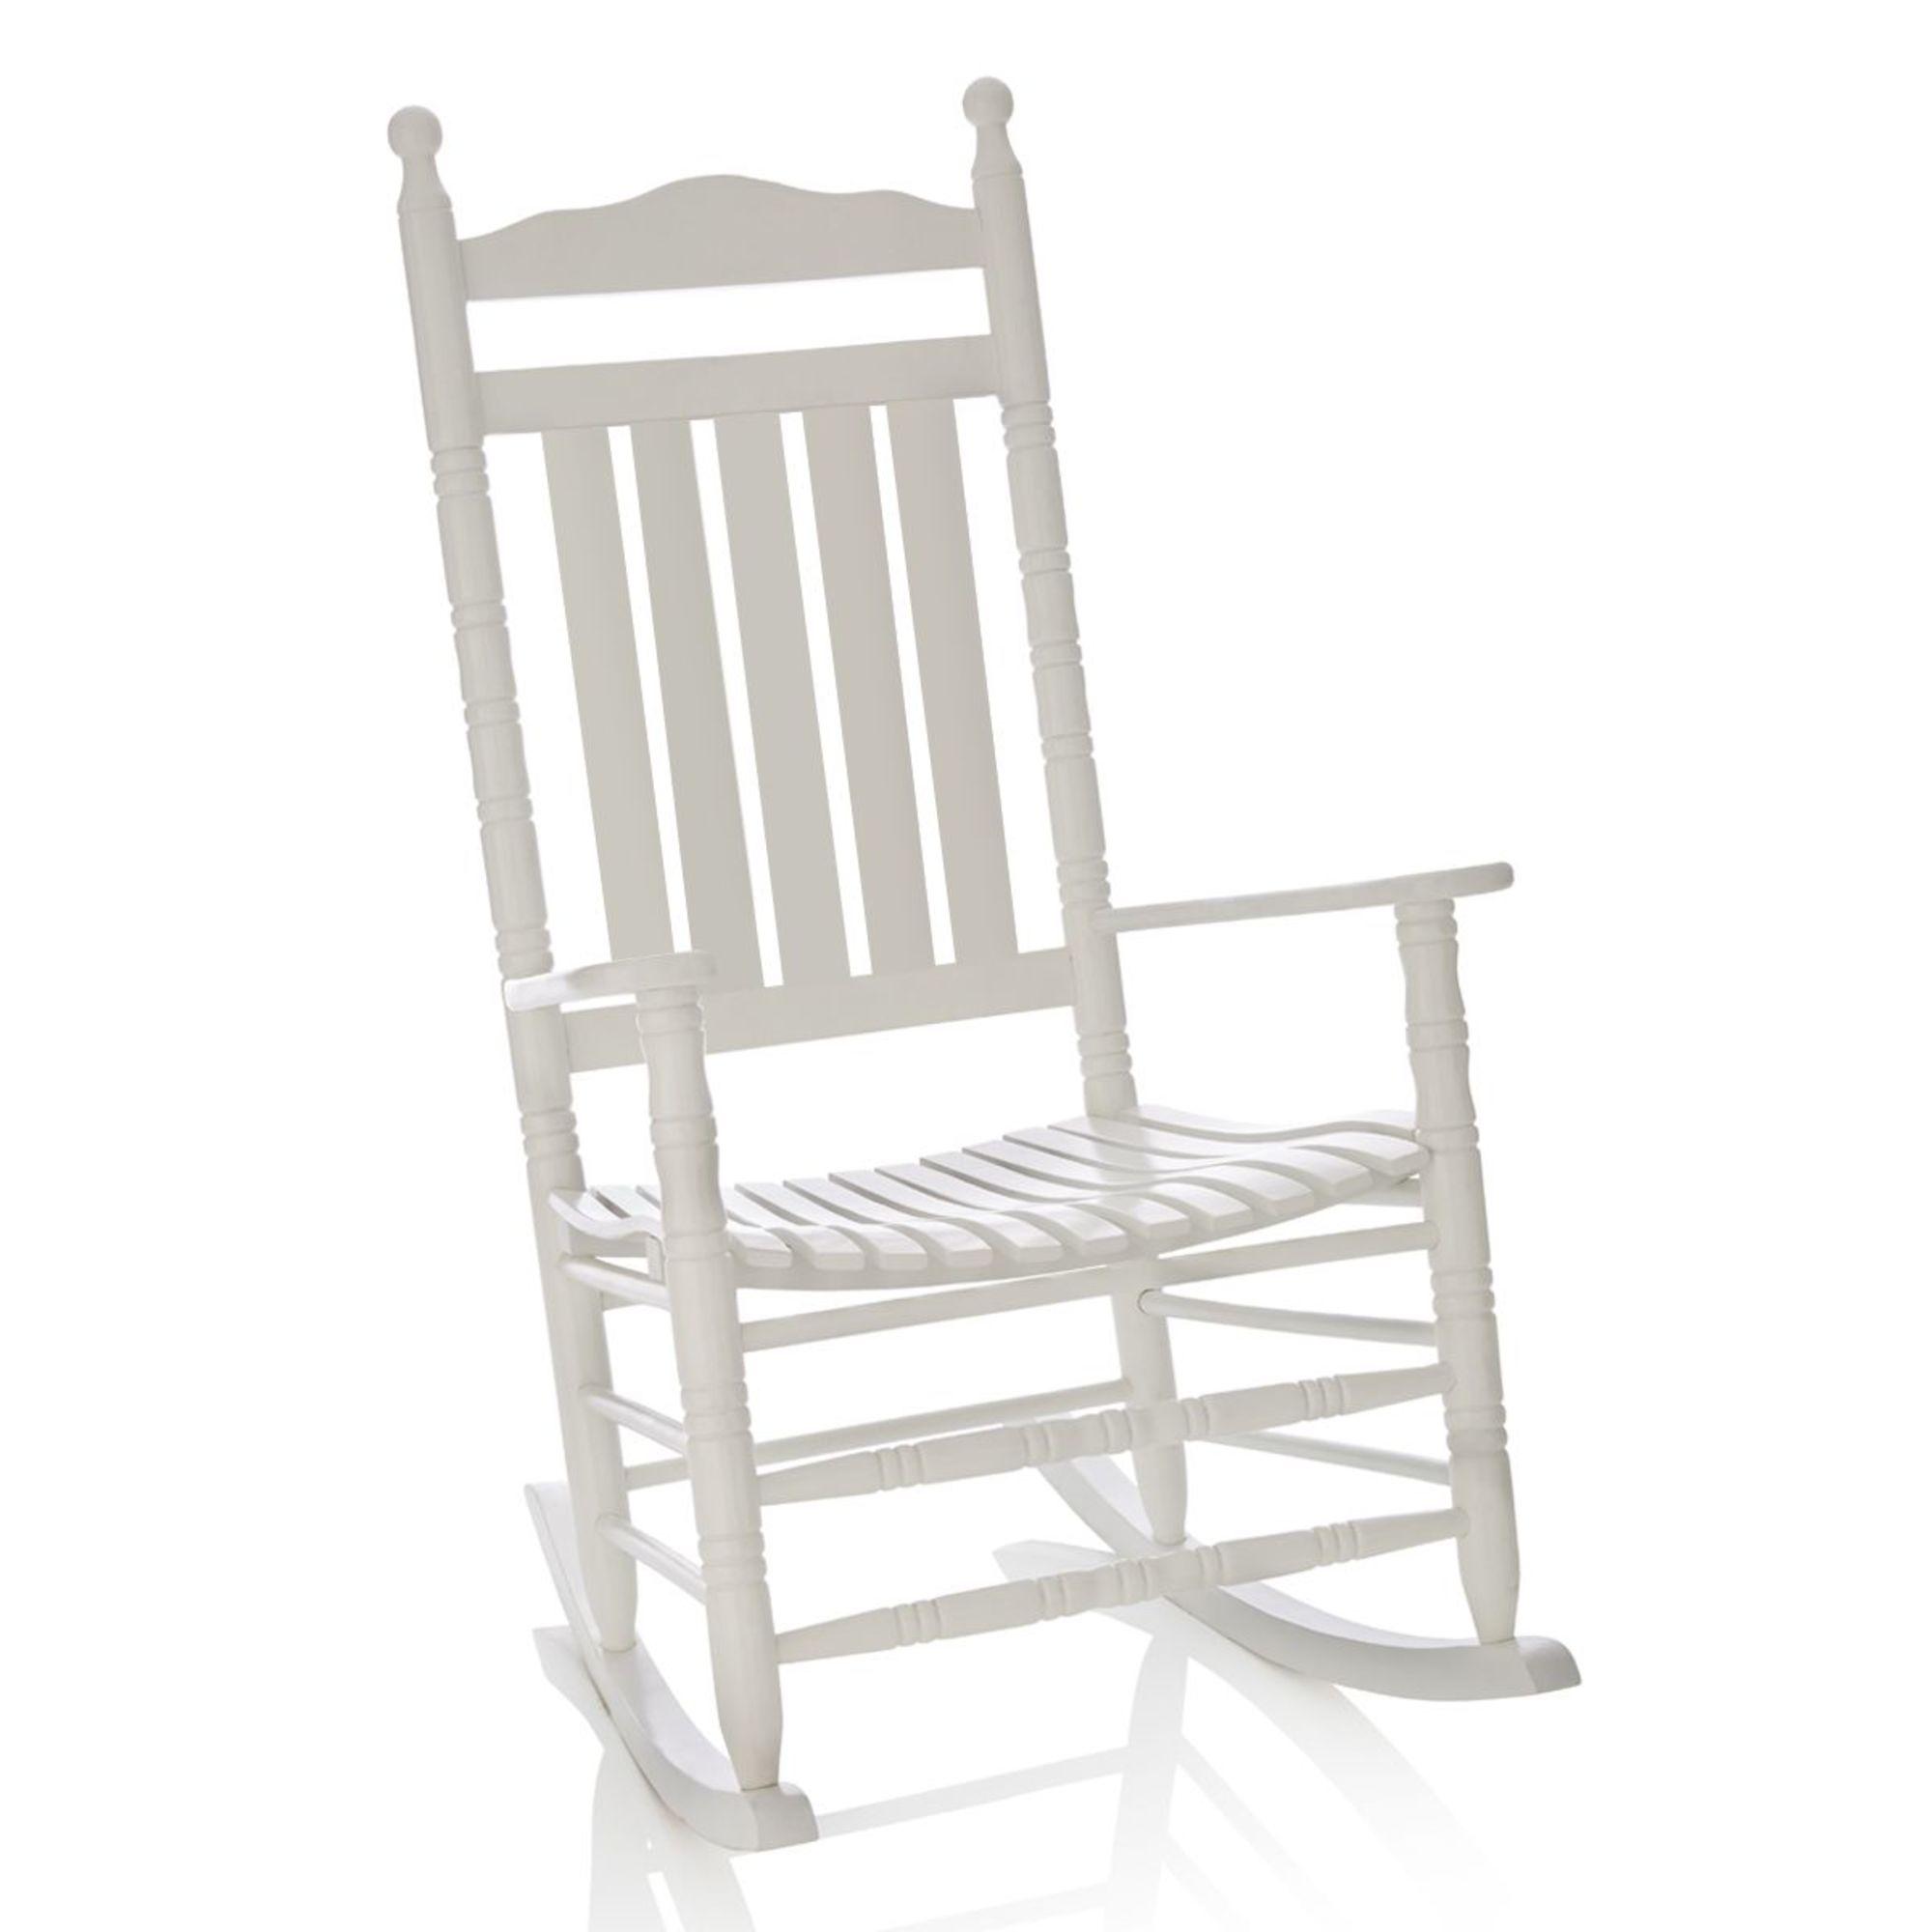 schaukelstuhl wei us schauckelstuhl im western stil ebay. Black Bedroom Furniture Sets. Home Design Ideas